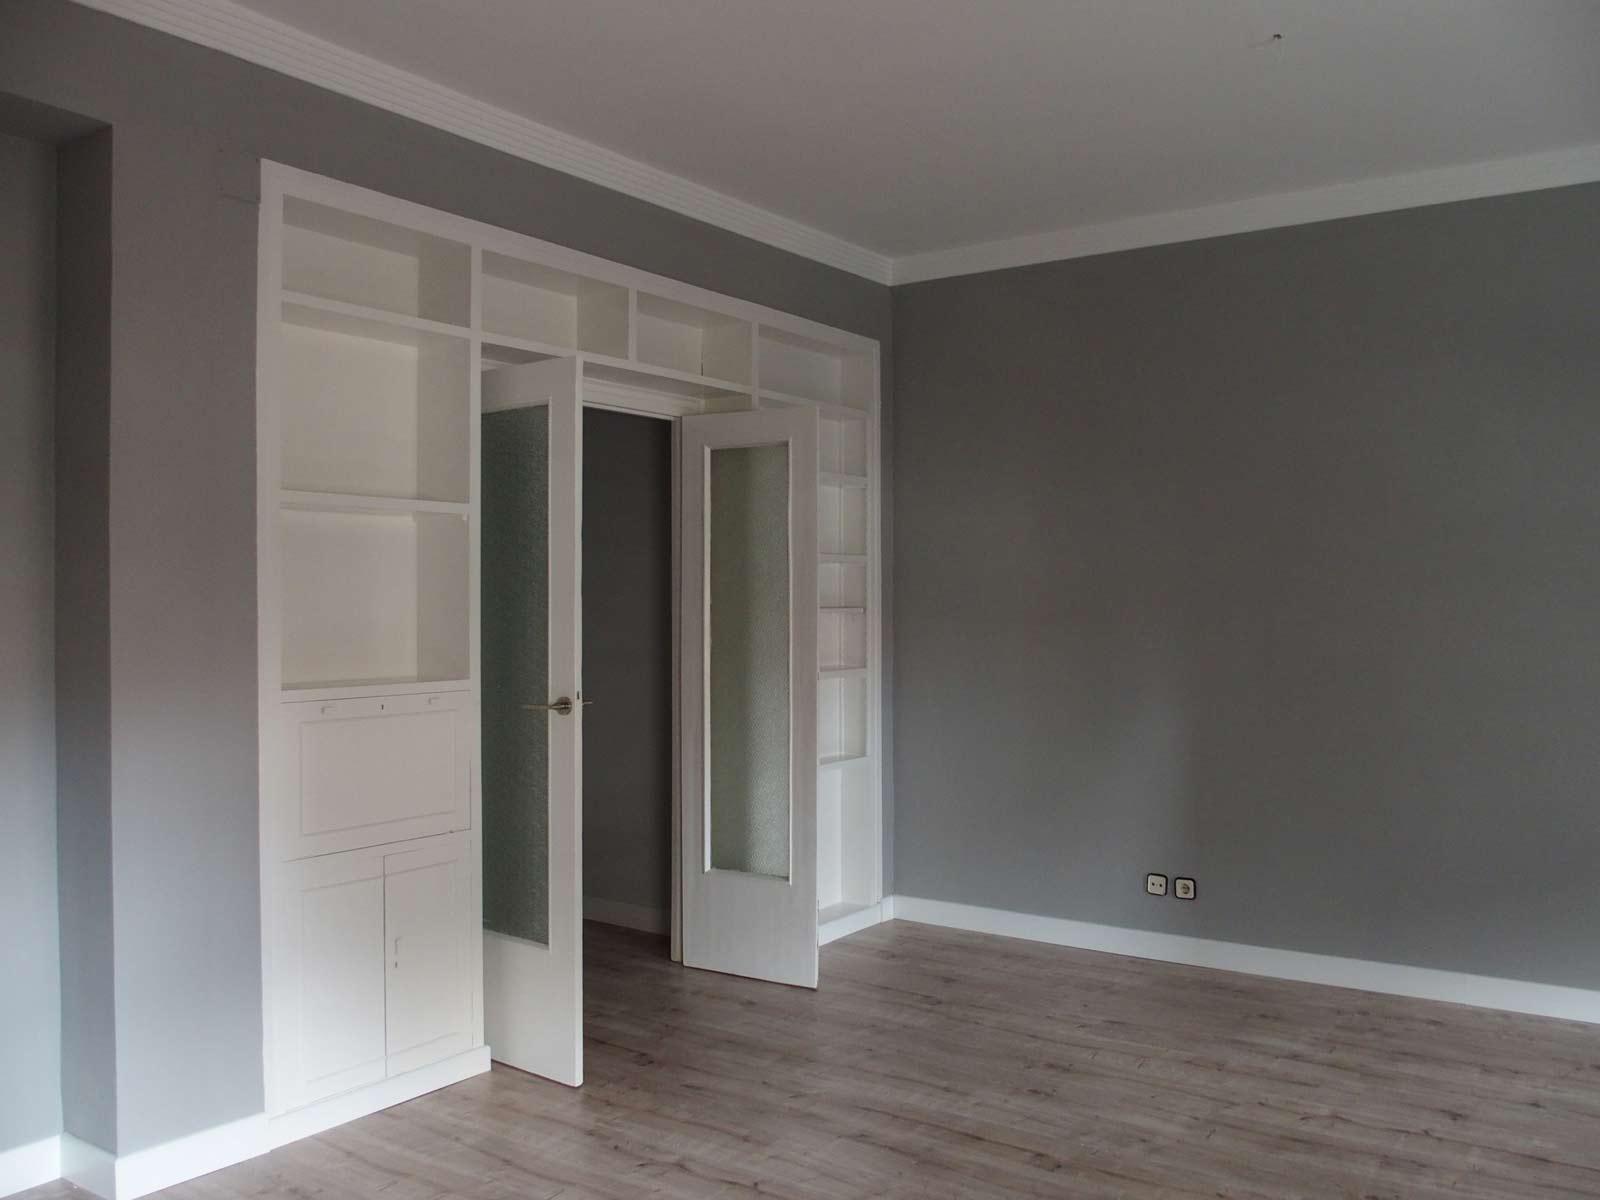 Antes y despu s de un piso para alquilar decoraci n for Alquilar un piso